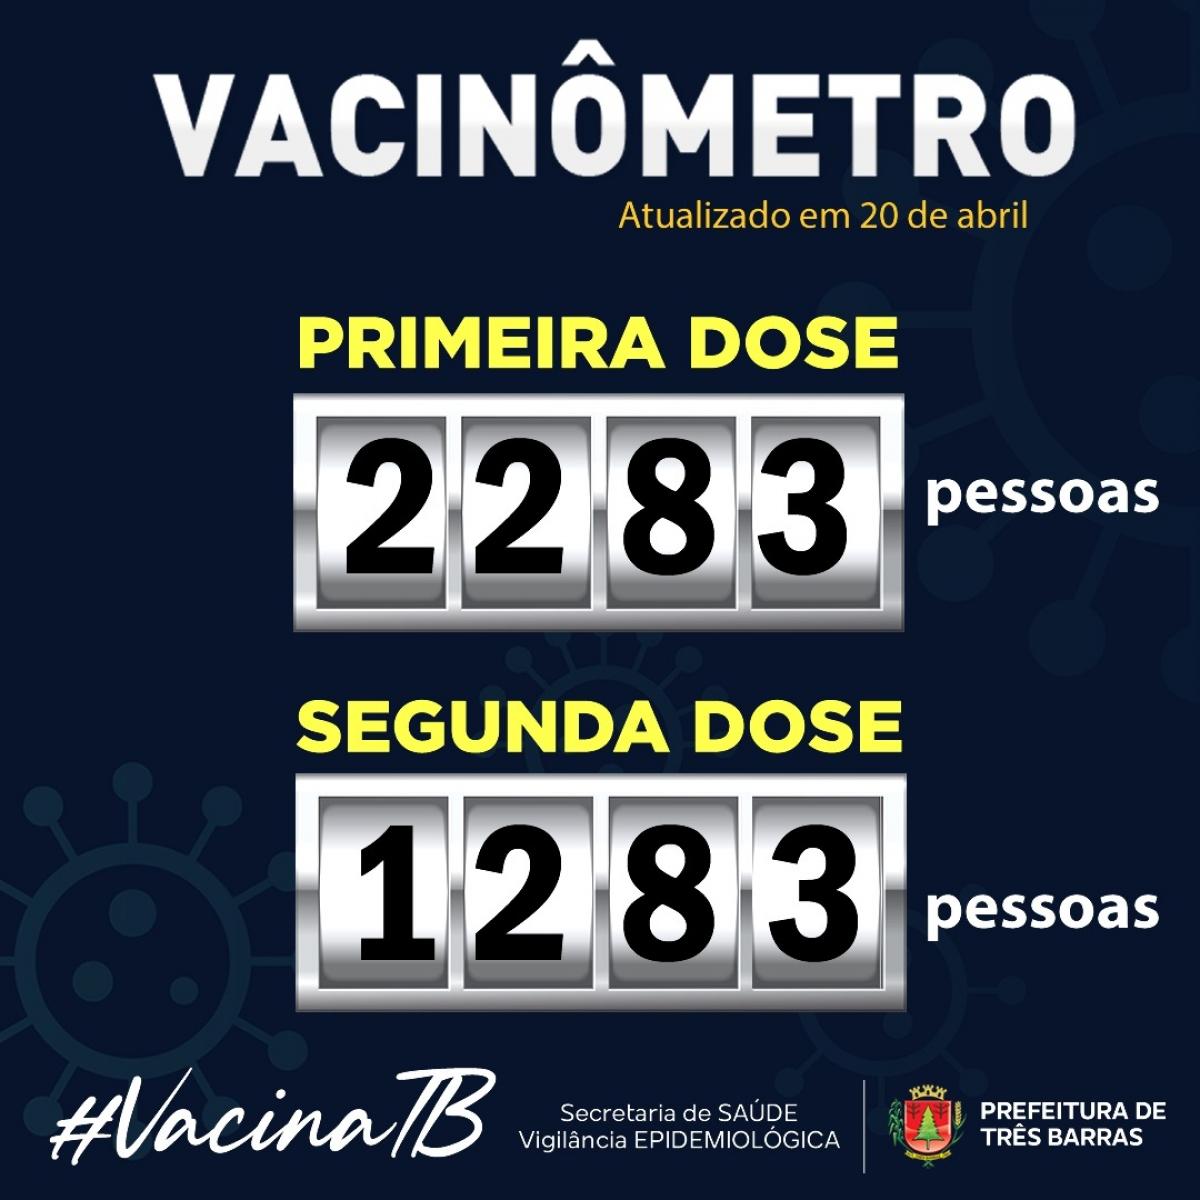 SAÚDE CONFIRMA 2283 VACINADOS CONTRA A COVID-19 EM TRÊS BARRAS